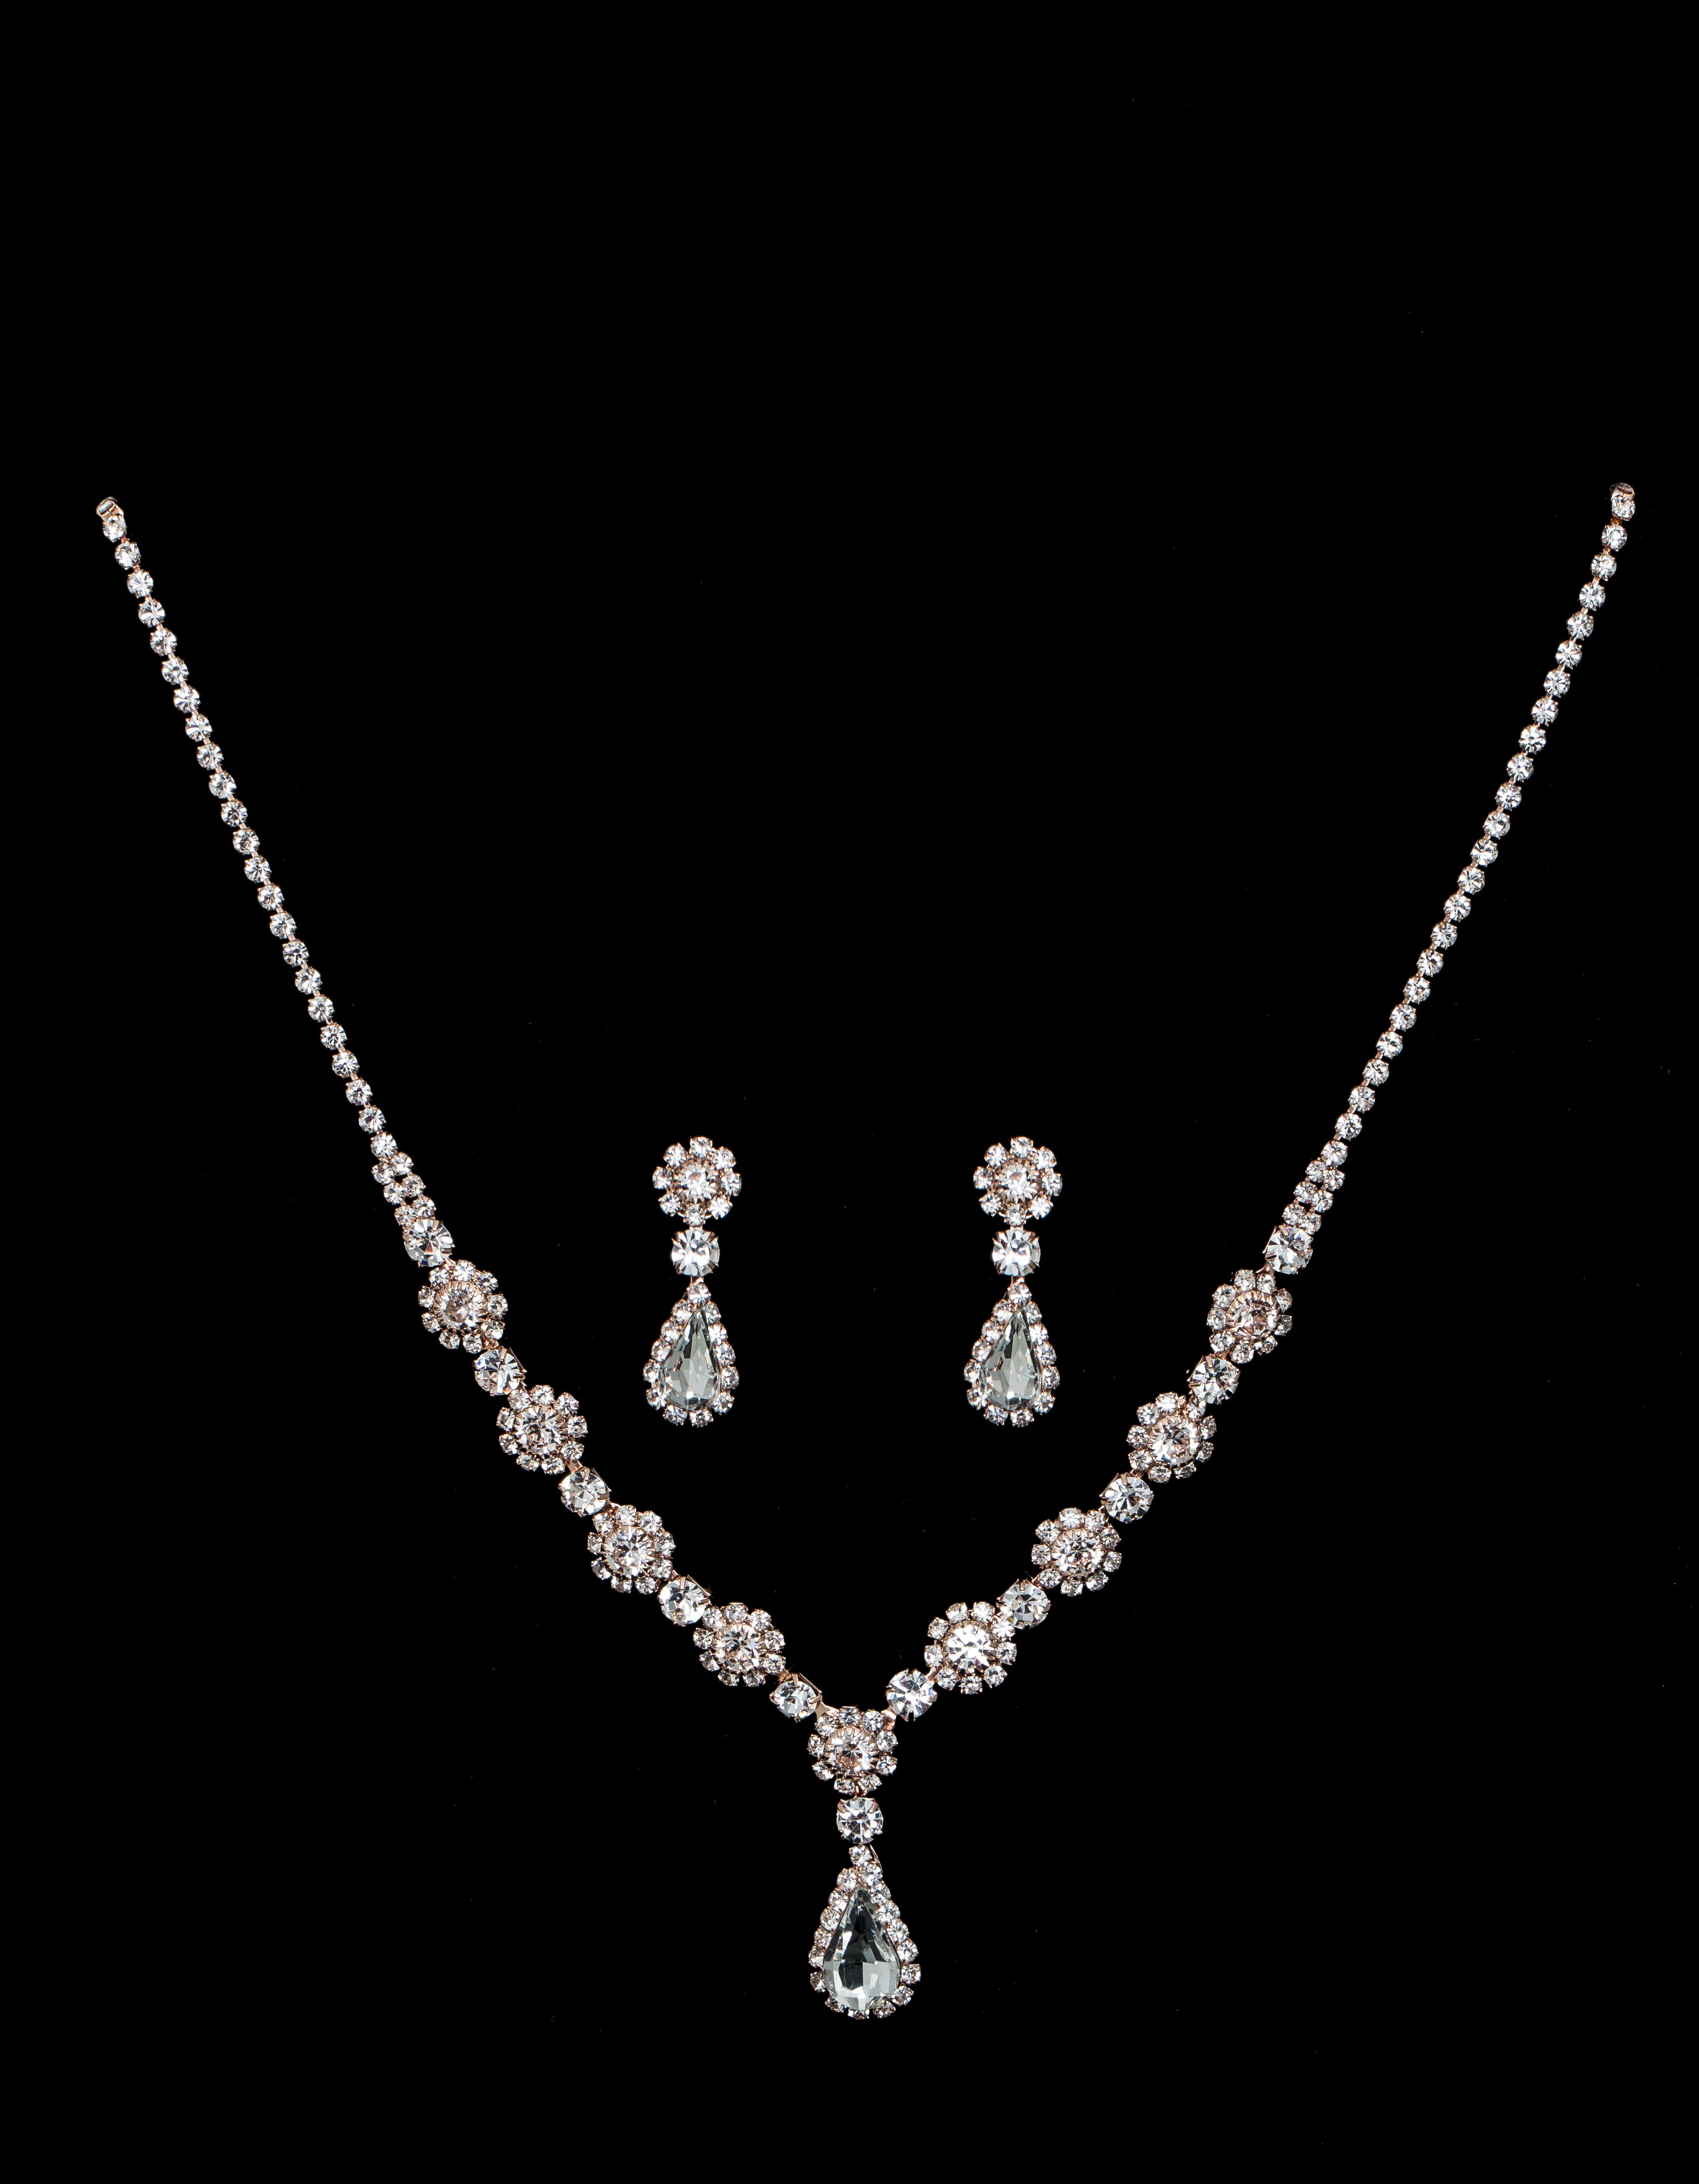 Bridal Classics Necklace Sets ME-1232